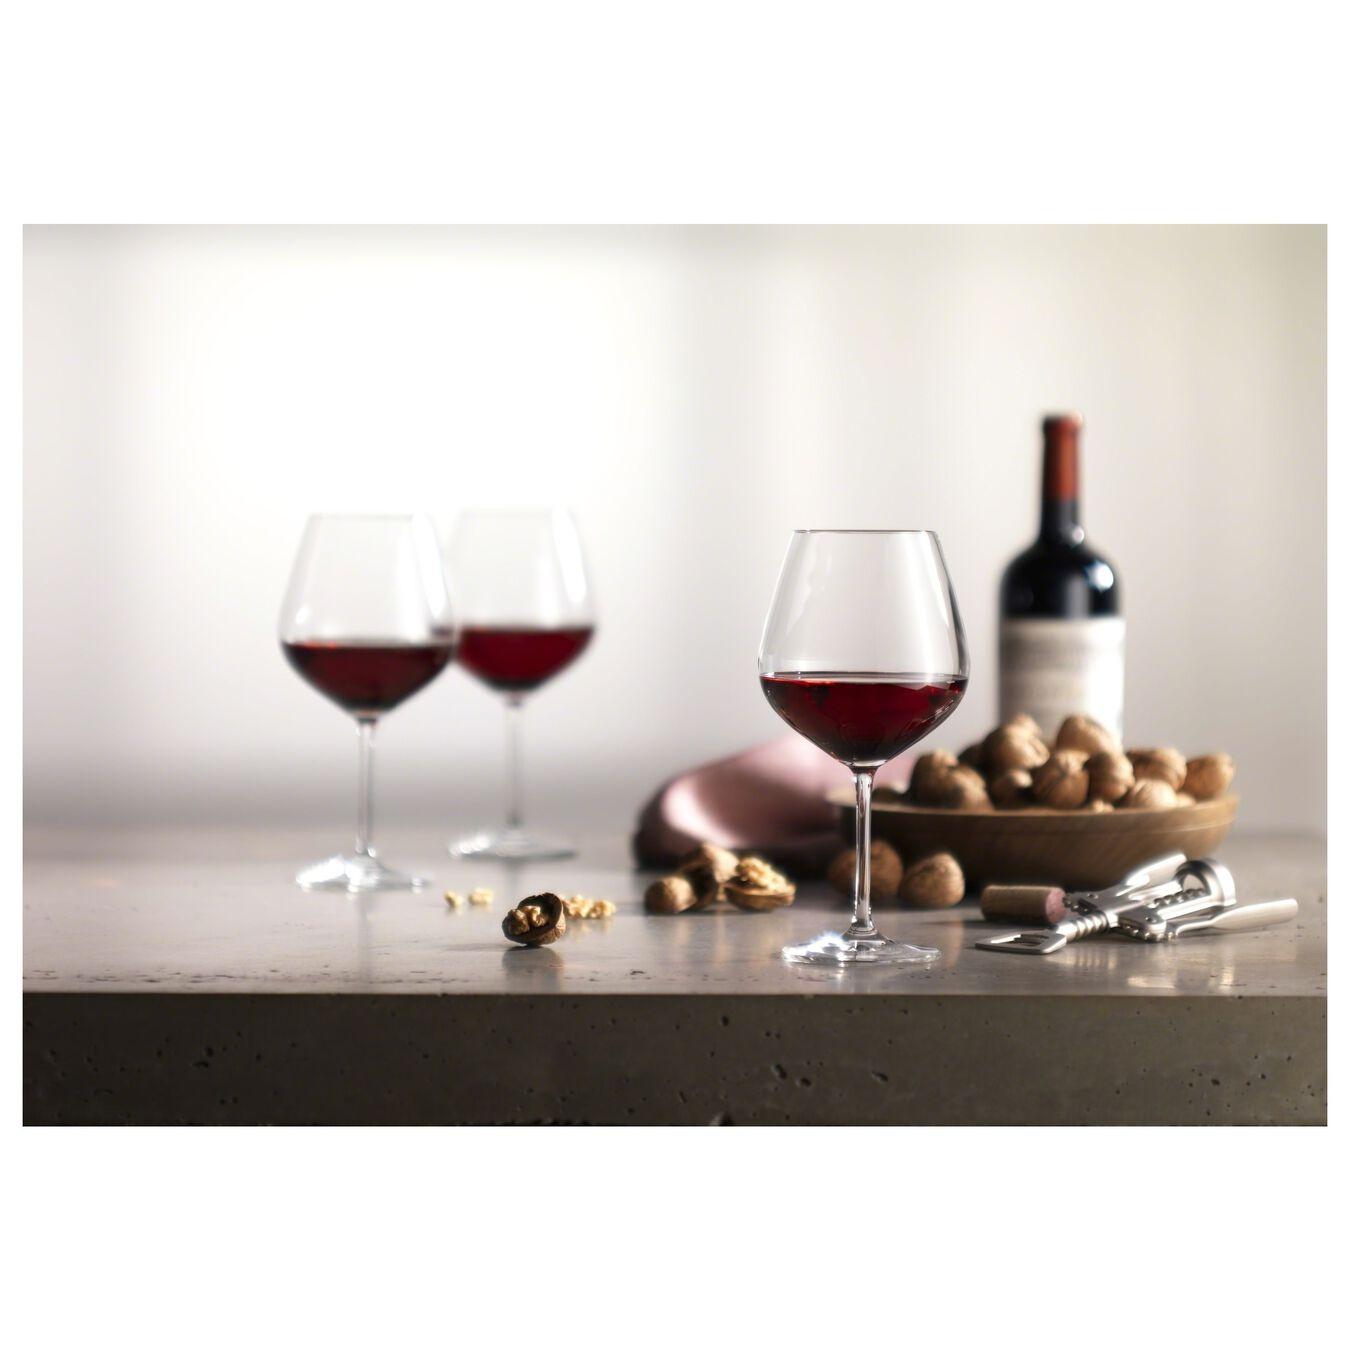 0.775 qt / 6-pc  Burgundy Grand Set,,large 4